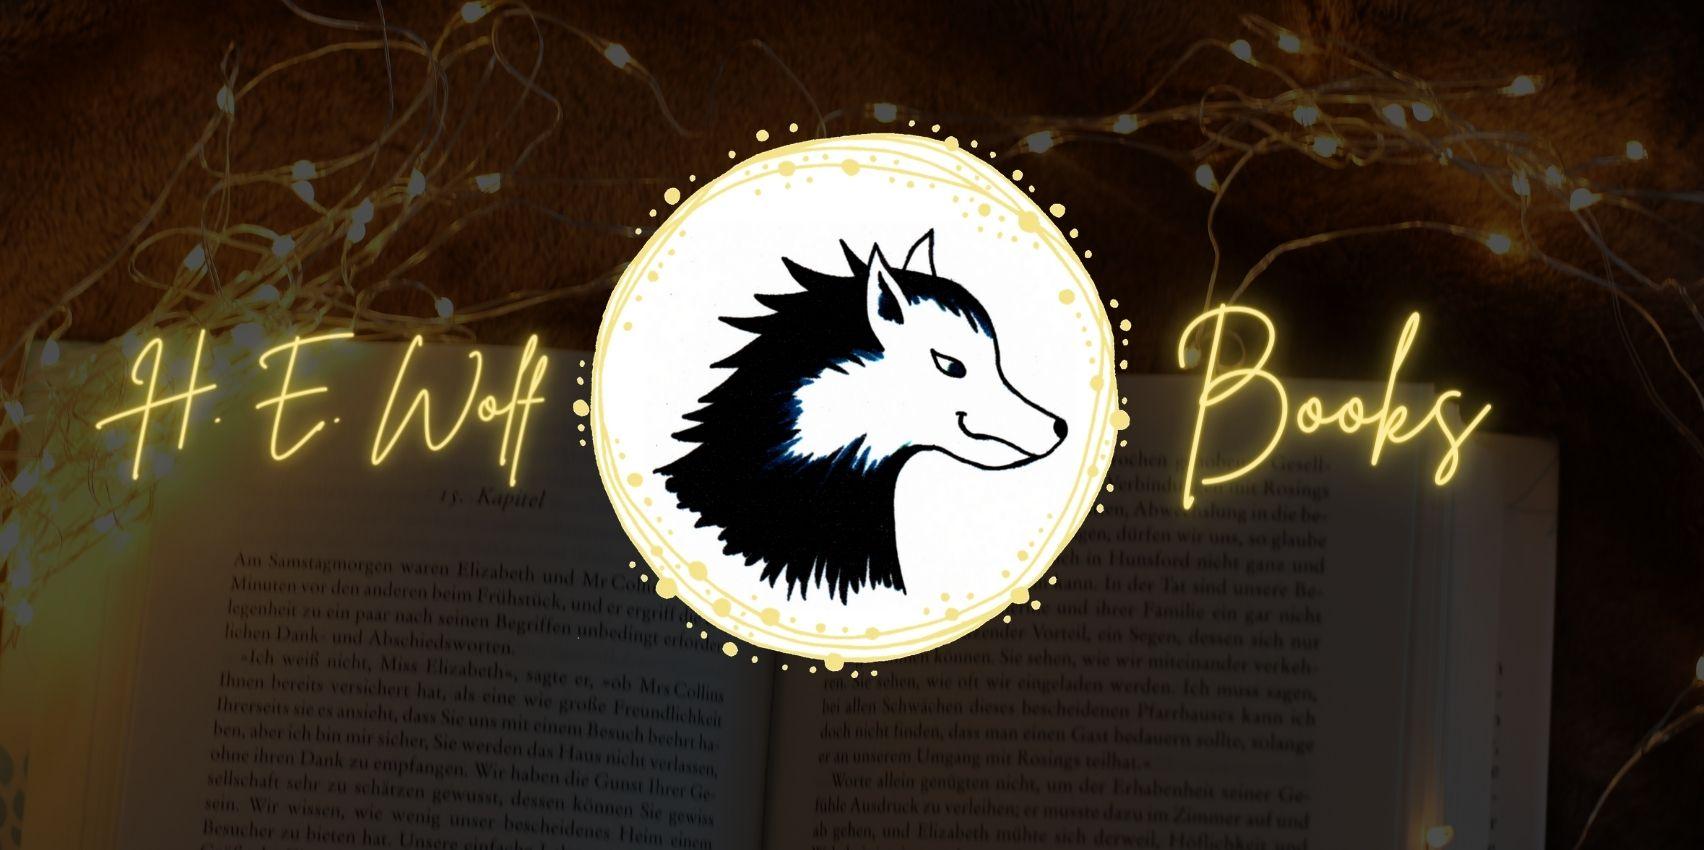 Helen E. Wolf - Books